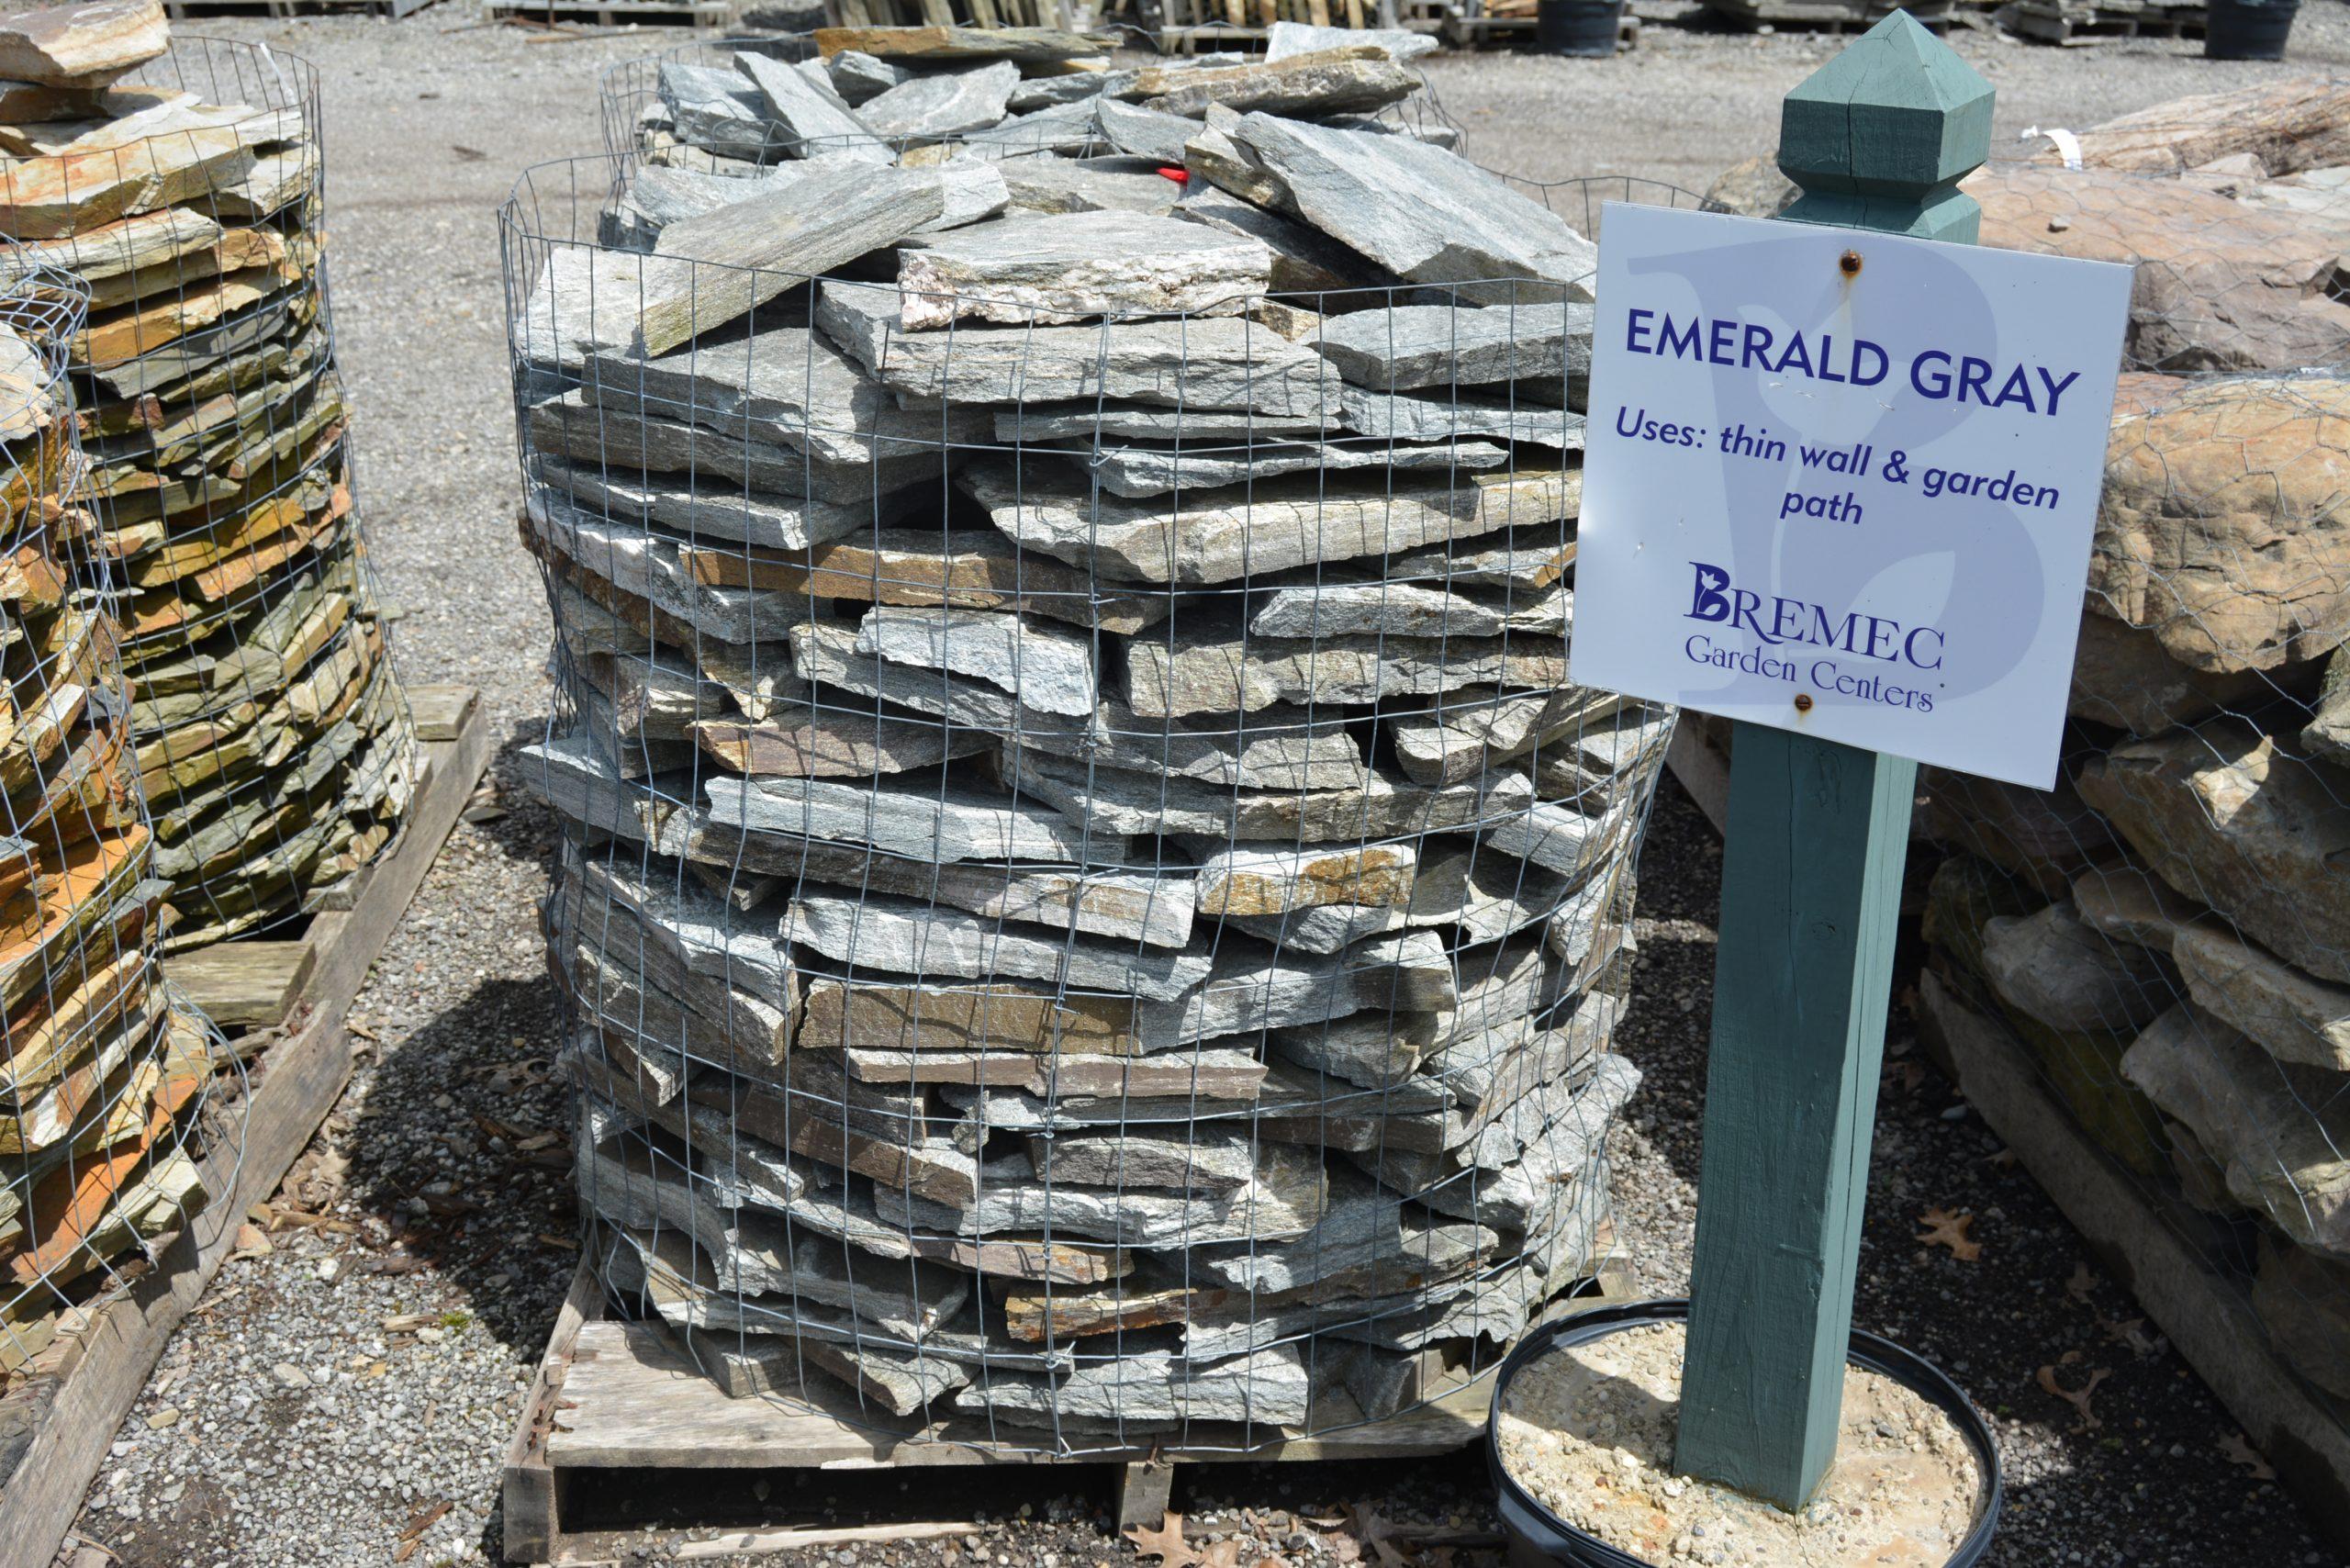 Emerald Gray Stone